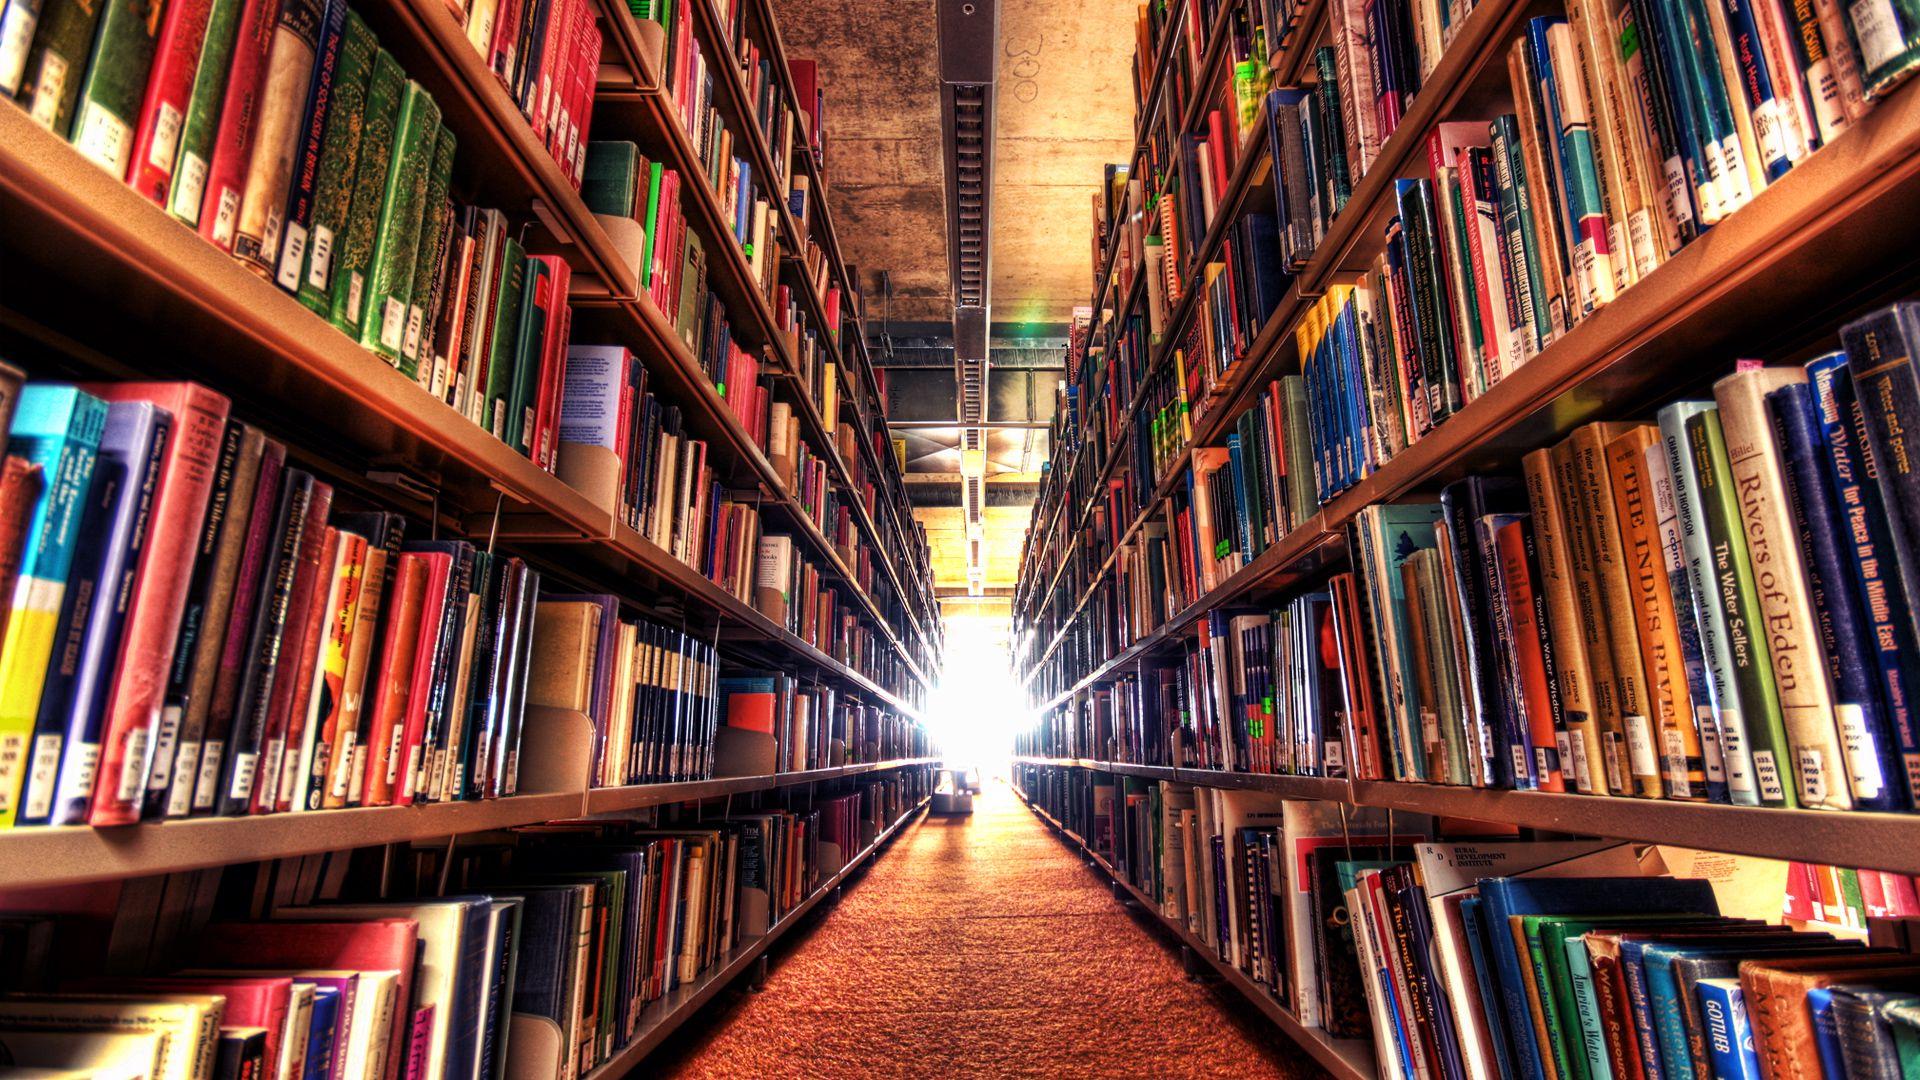 Городские библиотеки в афишу недели с 26 апреля  по 2 мая 2017 года